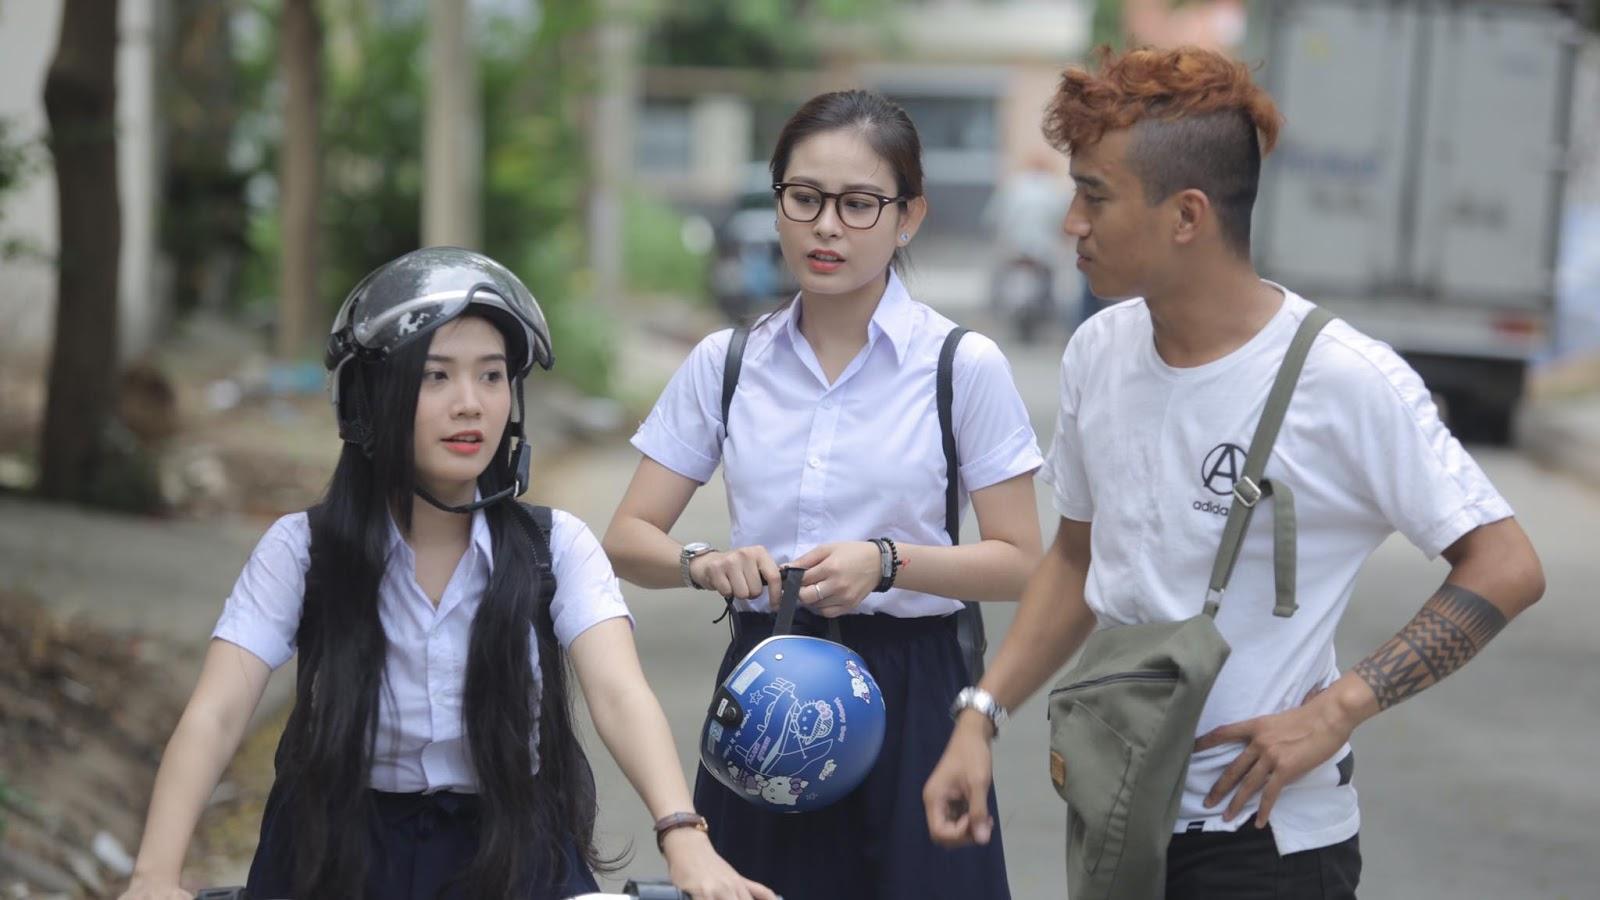 anh do thu faptv 2016 48 - HOT Girl Đỗ Thư FAPTV Gợi Cảm Quyến Rũ Mũm Mĩm Đáng Yêu